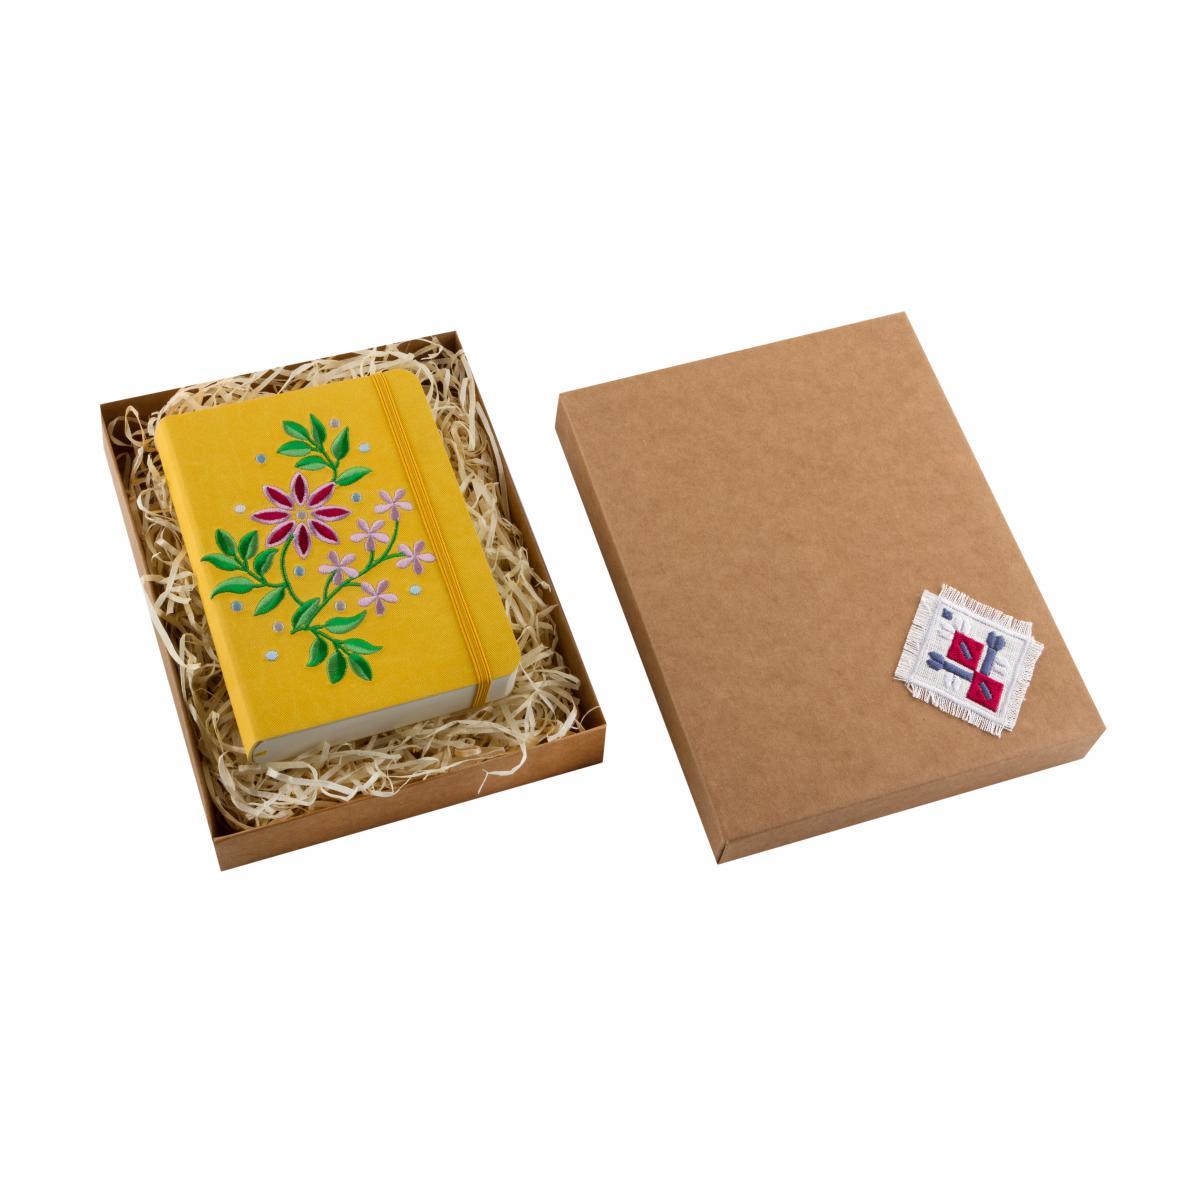 Блокнот с эко-кожи с вышивкой Тернопольщина, желтый. Фото №3. | Народный дом Украина